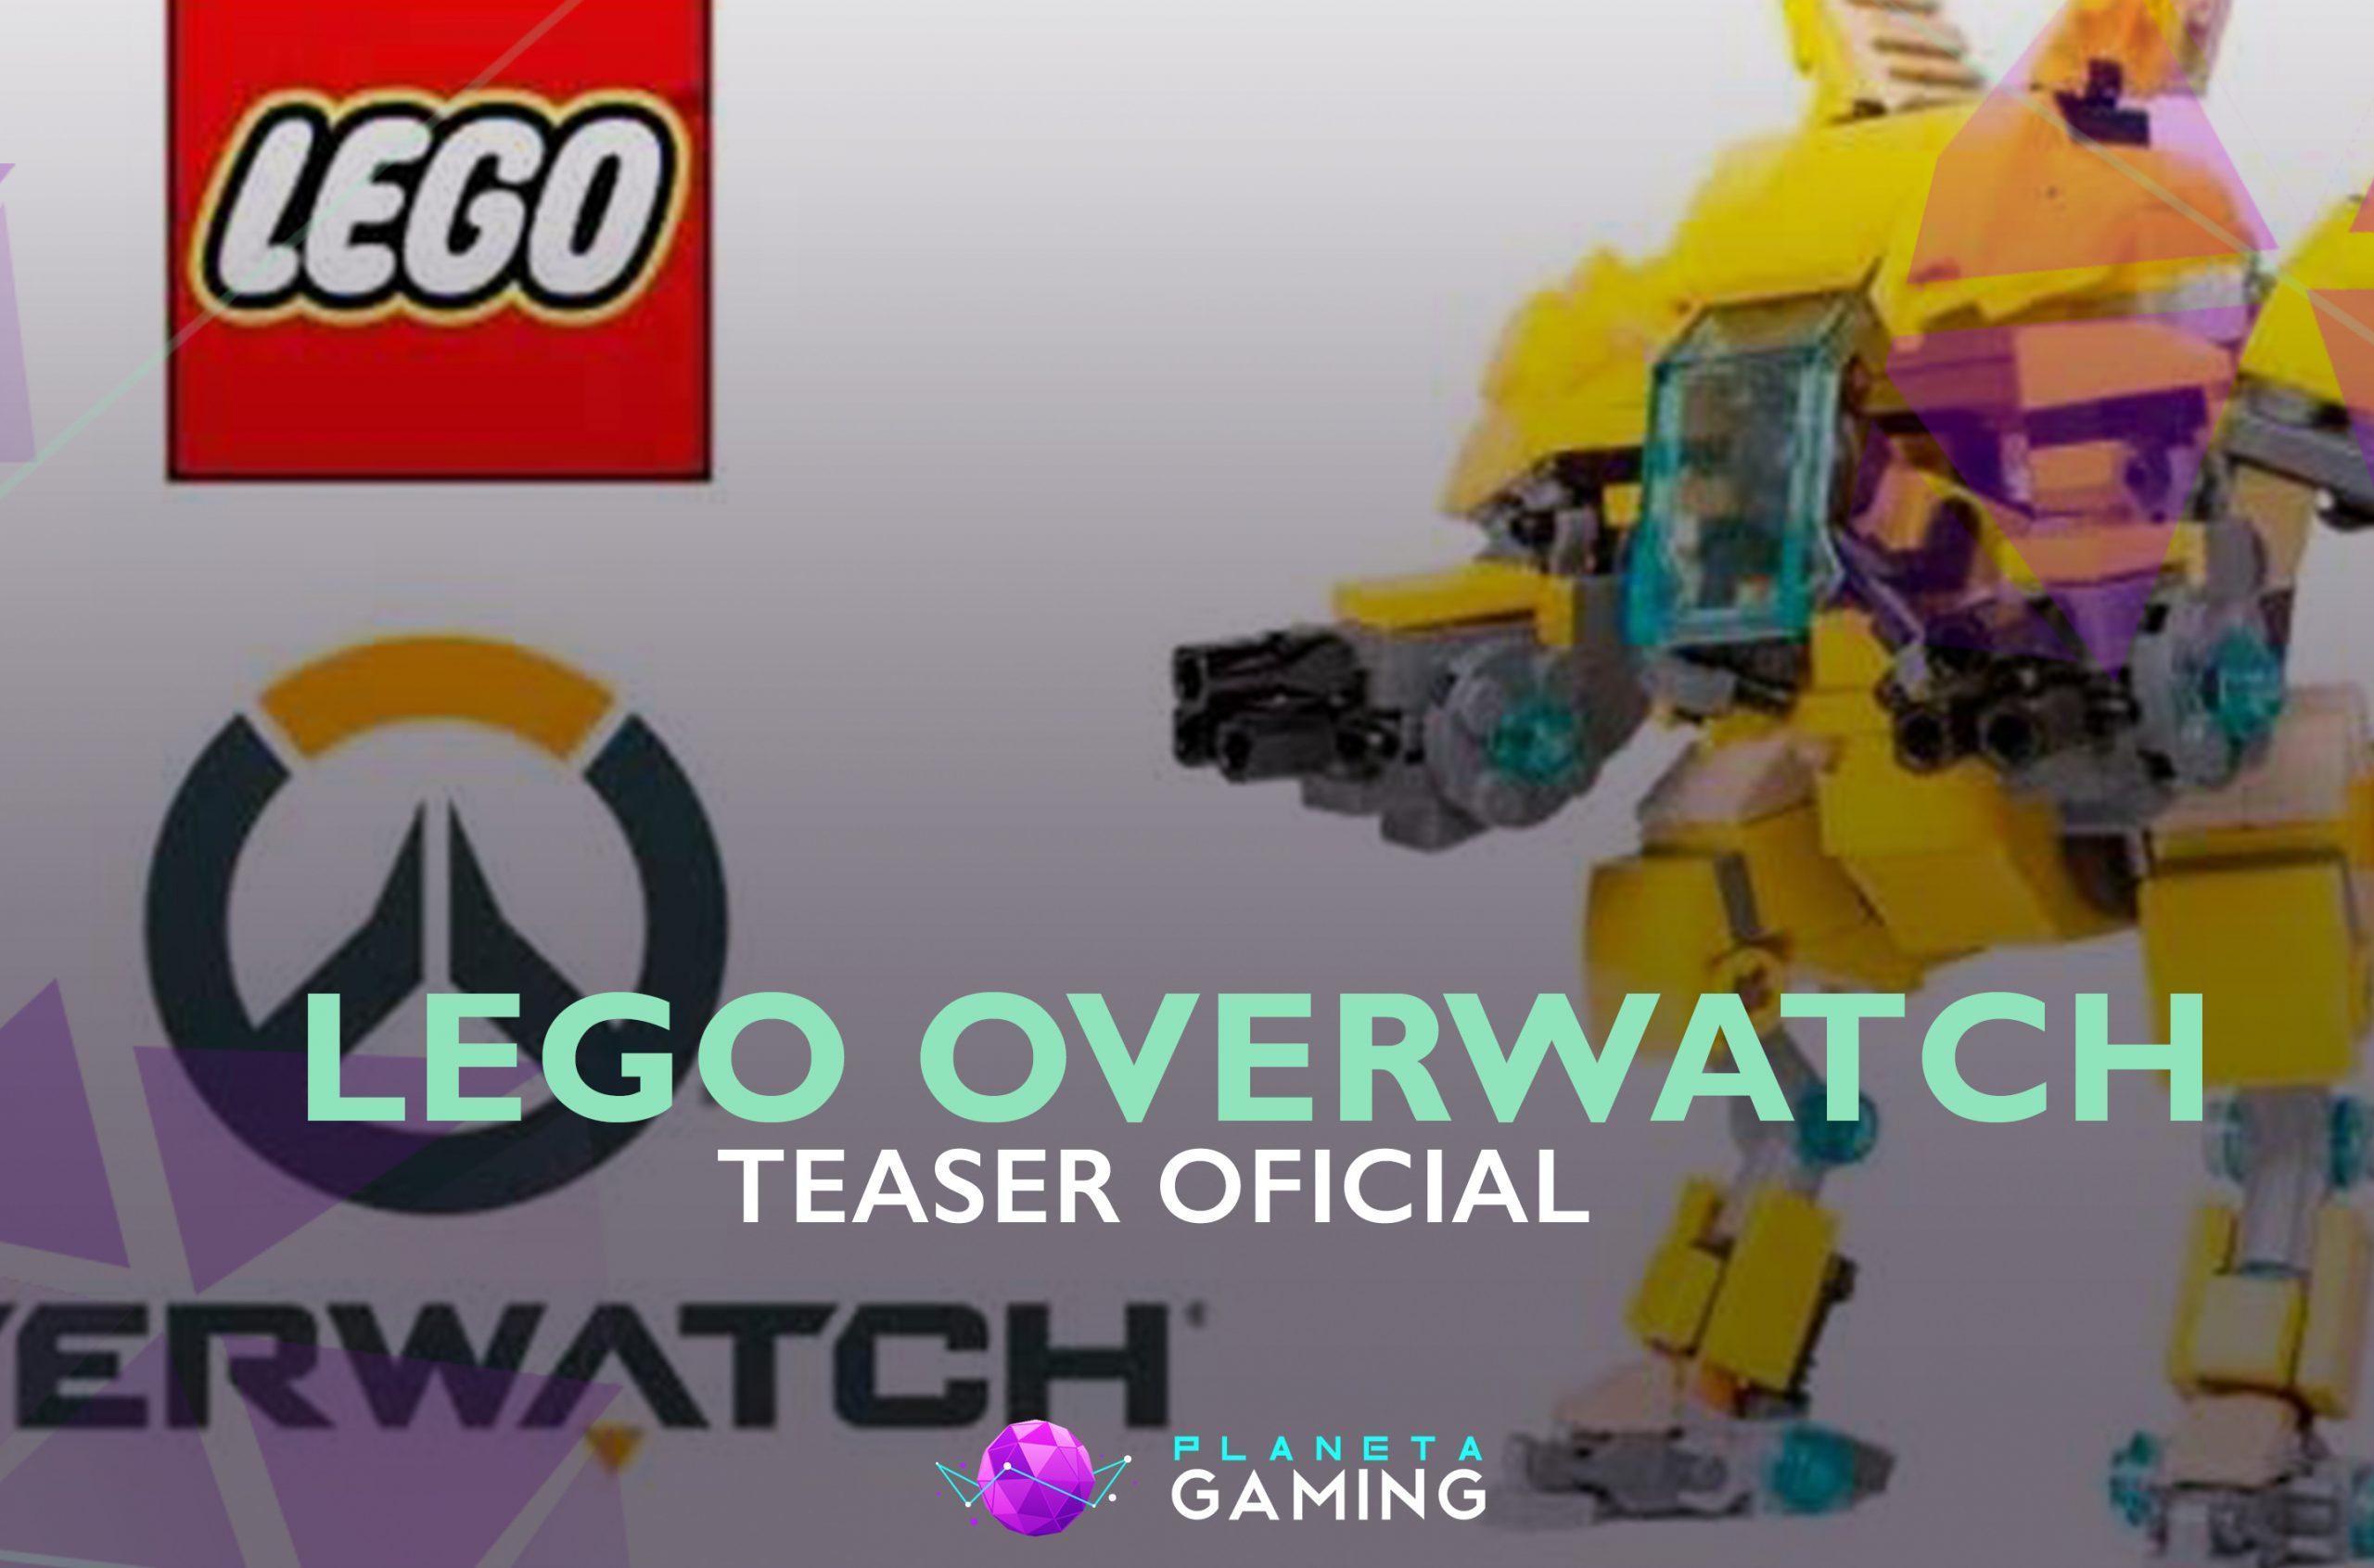 Teaser de las figuras de Lego y Overwatch